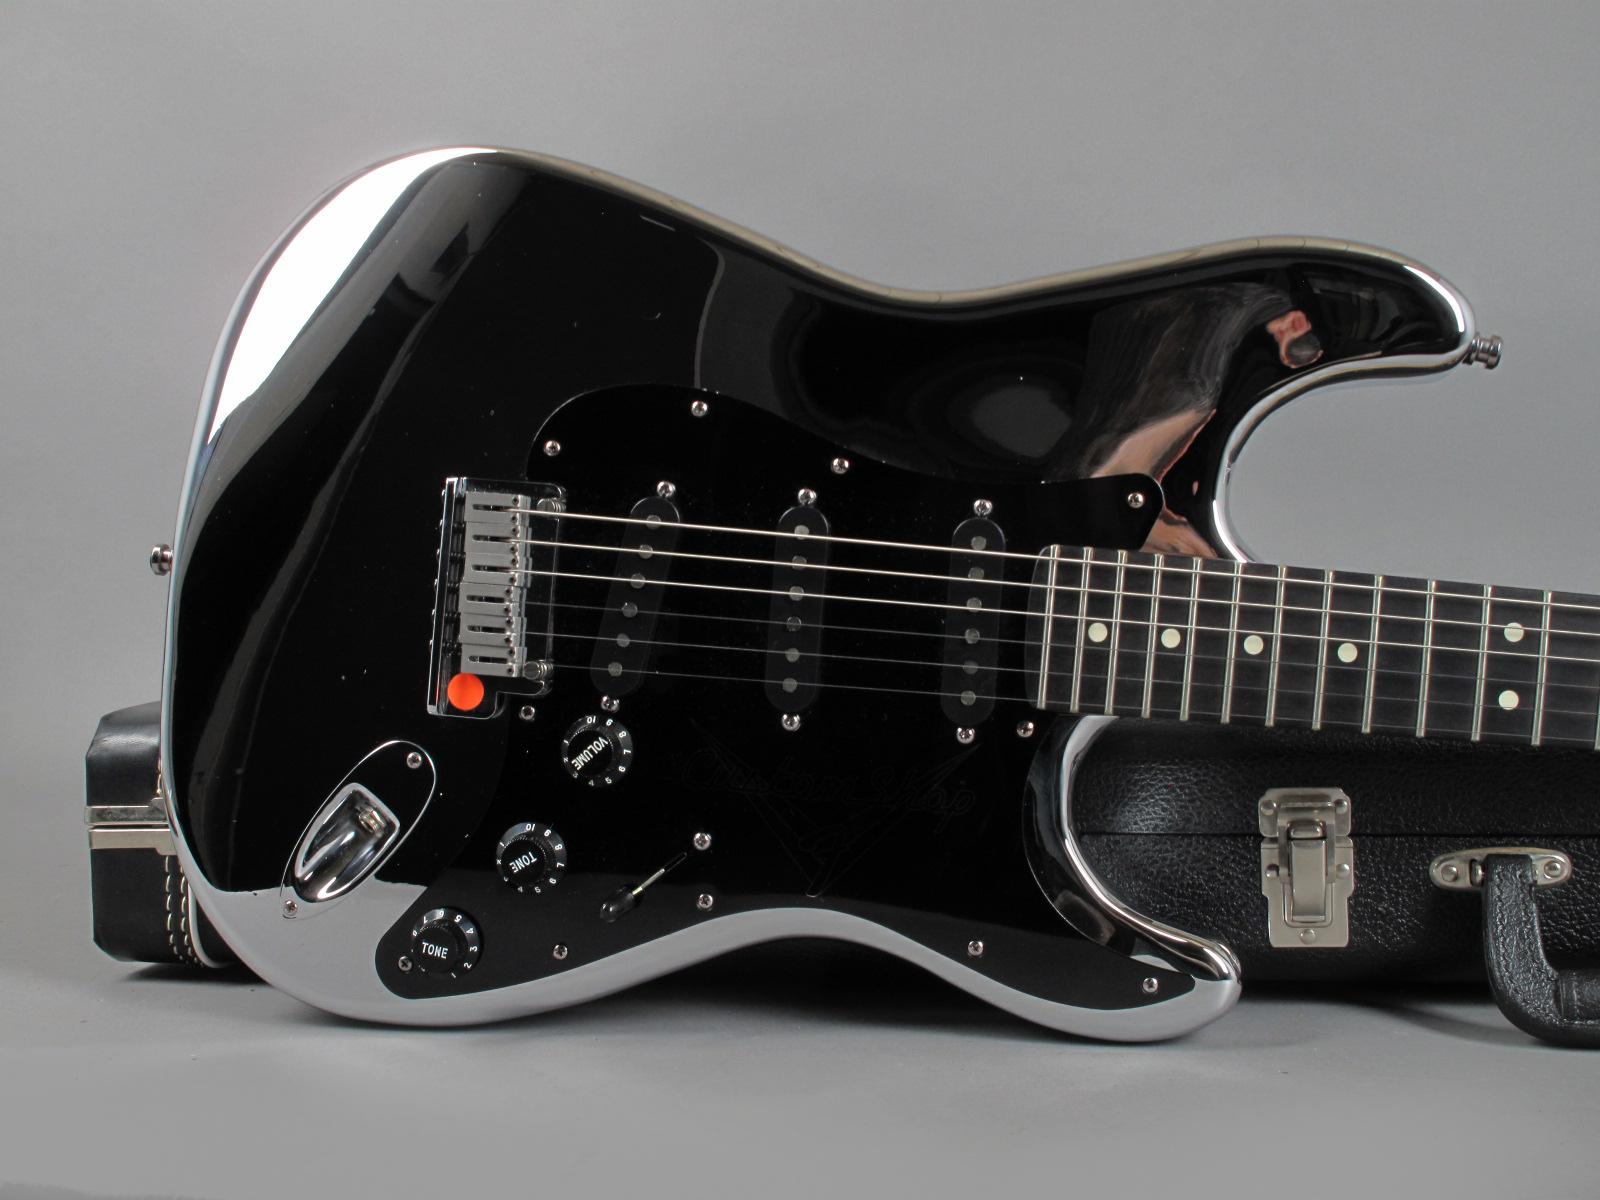 https://guitarpoint.de/app/uploads/products/1994-fender-custom-shop-chrome-stratocaster/1994-Fender-Chrome-Stratocaster_11.jpg